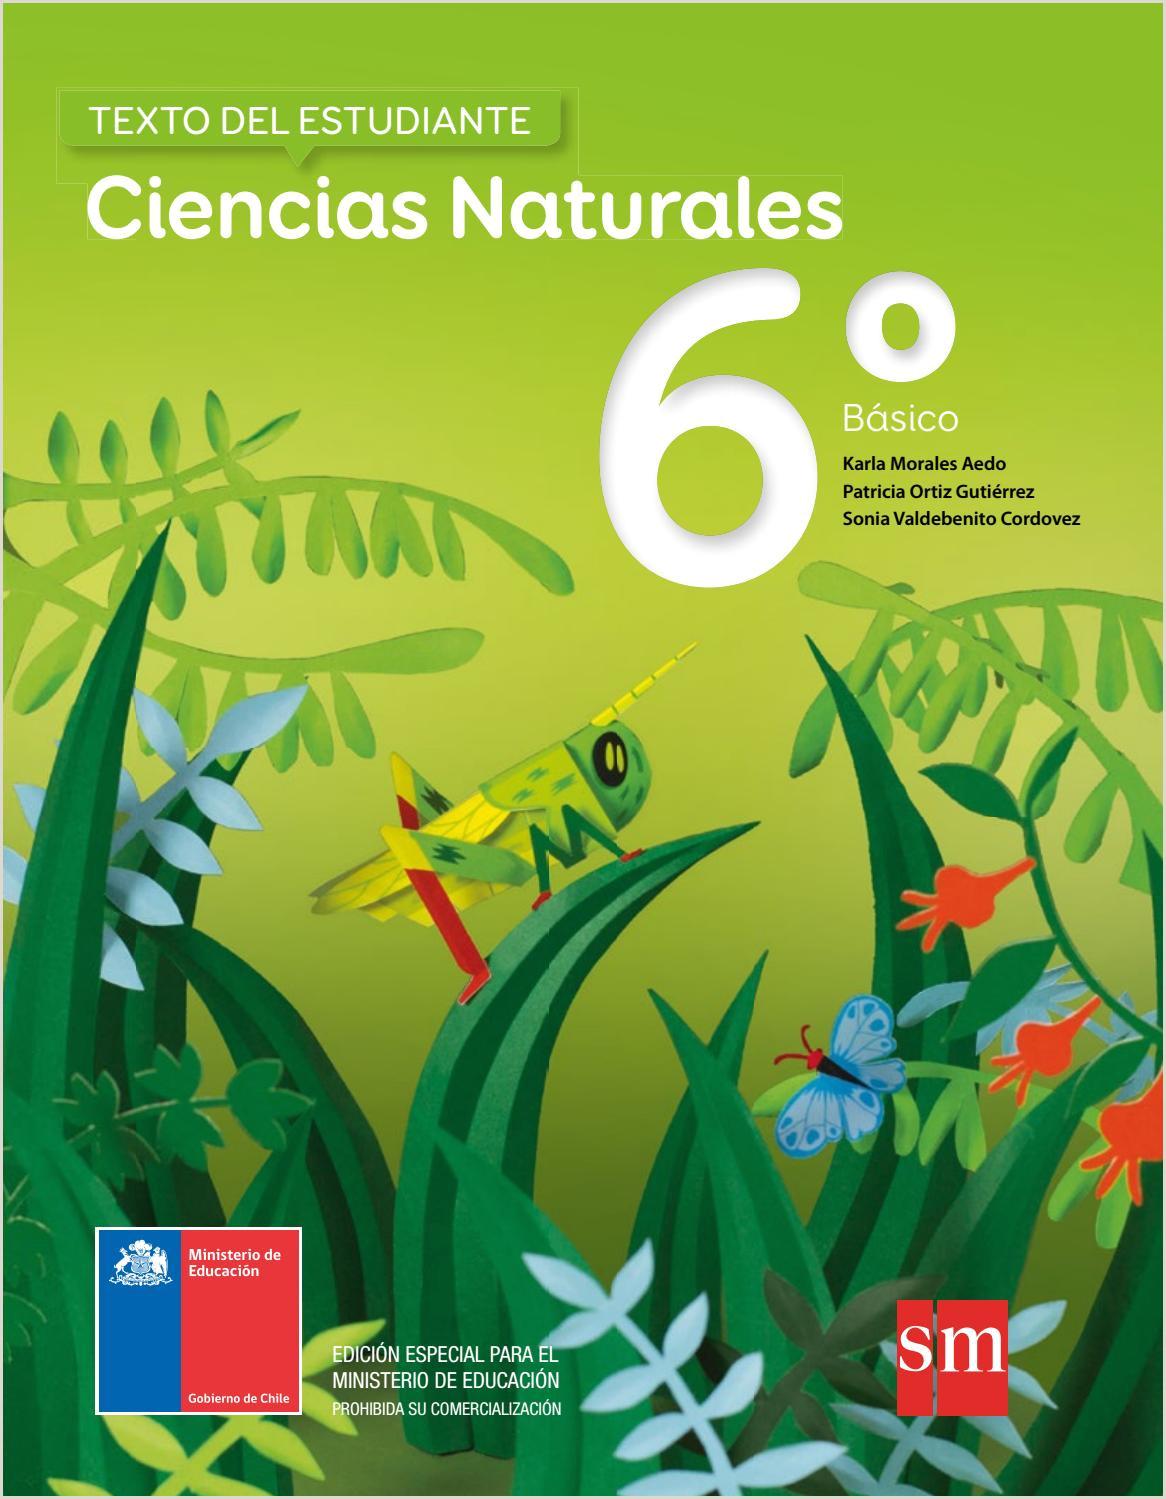 Como Hacer Una Hoja De Vida Para Hacer Practicas Ciencias Naturales 6º Básico Texto Del Estudiante by Eduardo